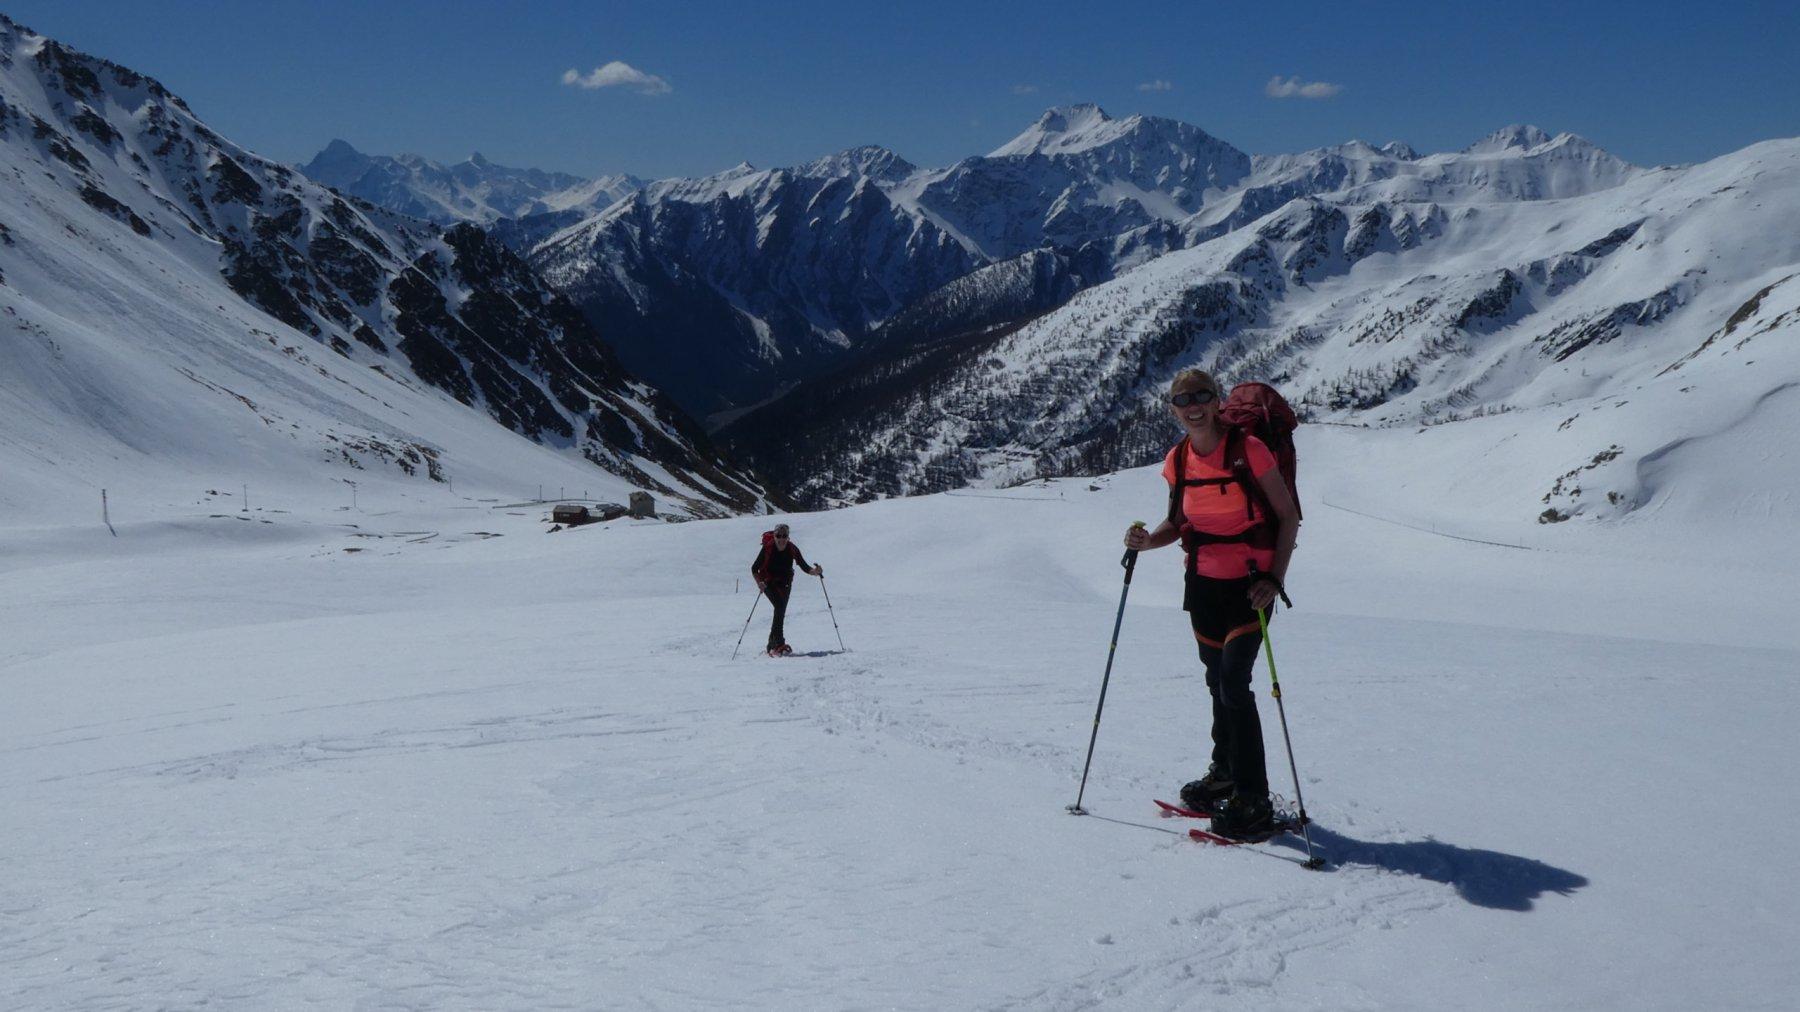 Laura e Anna Maria in salita nel pianoro verso l'alpeggio Montagna Baus